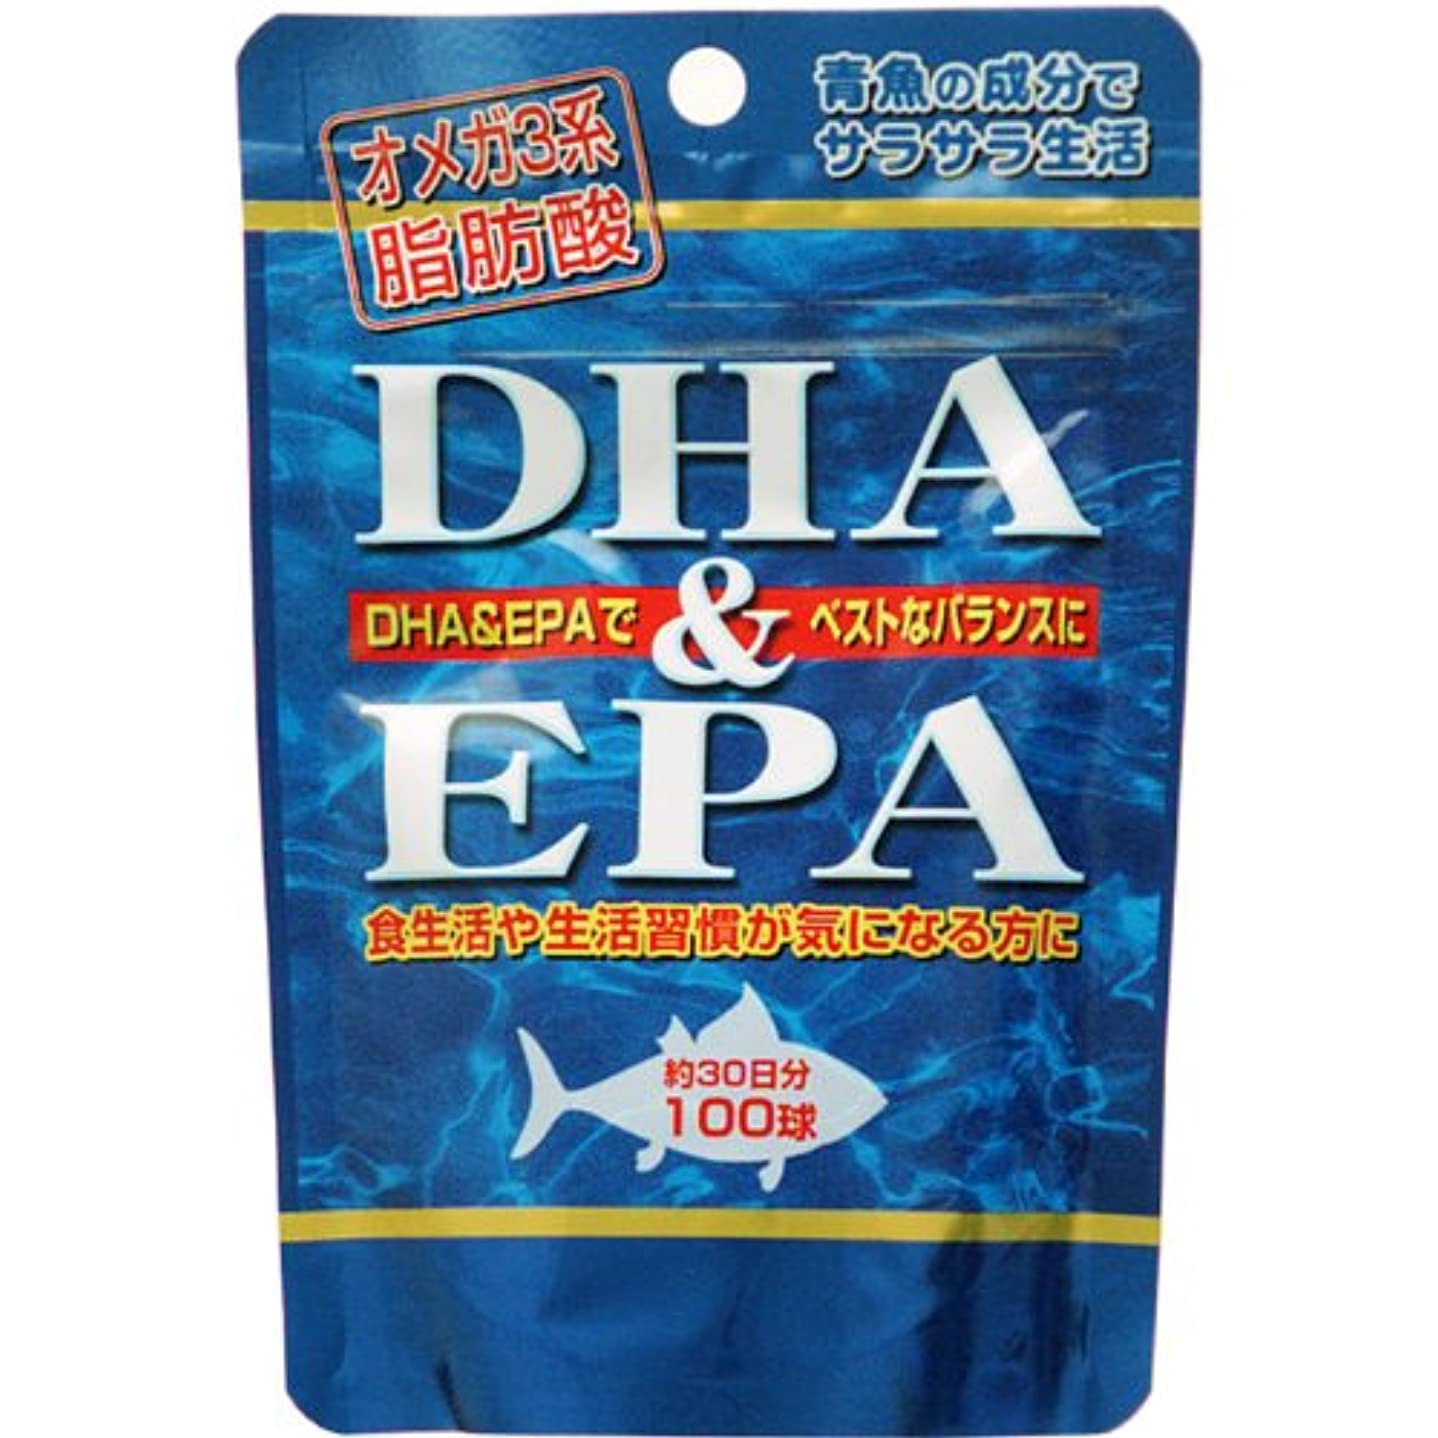 広げる新鮮な配当DHA(ドコサヘキサエン酸)&EPA(エイコサペンタエン酸)×6